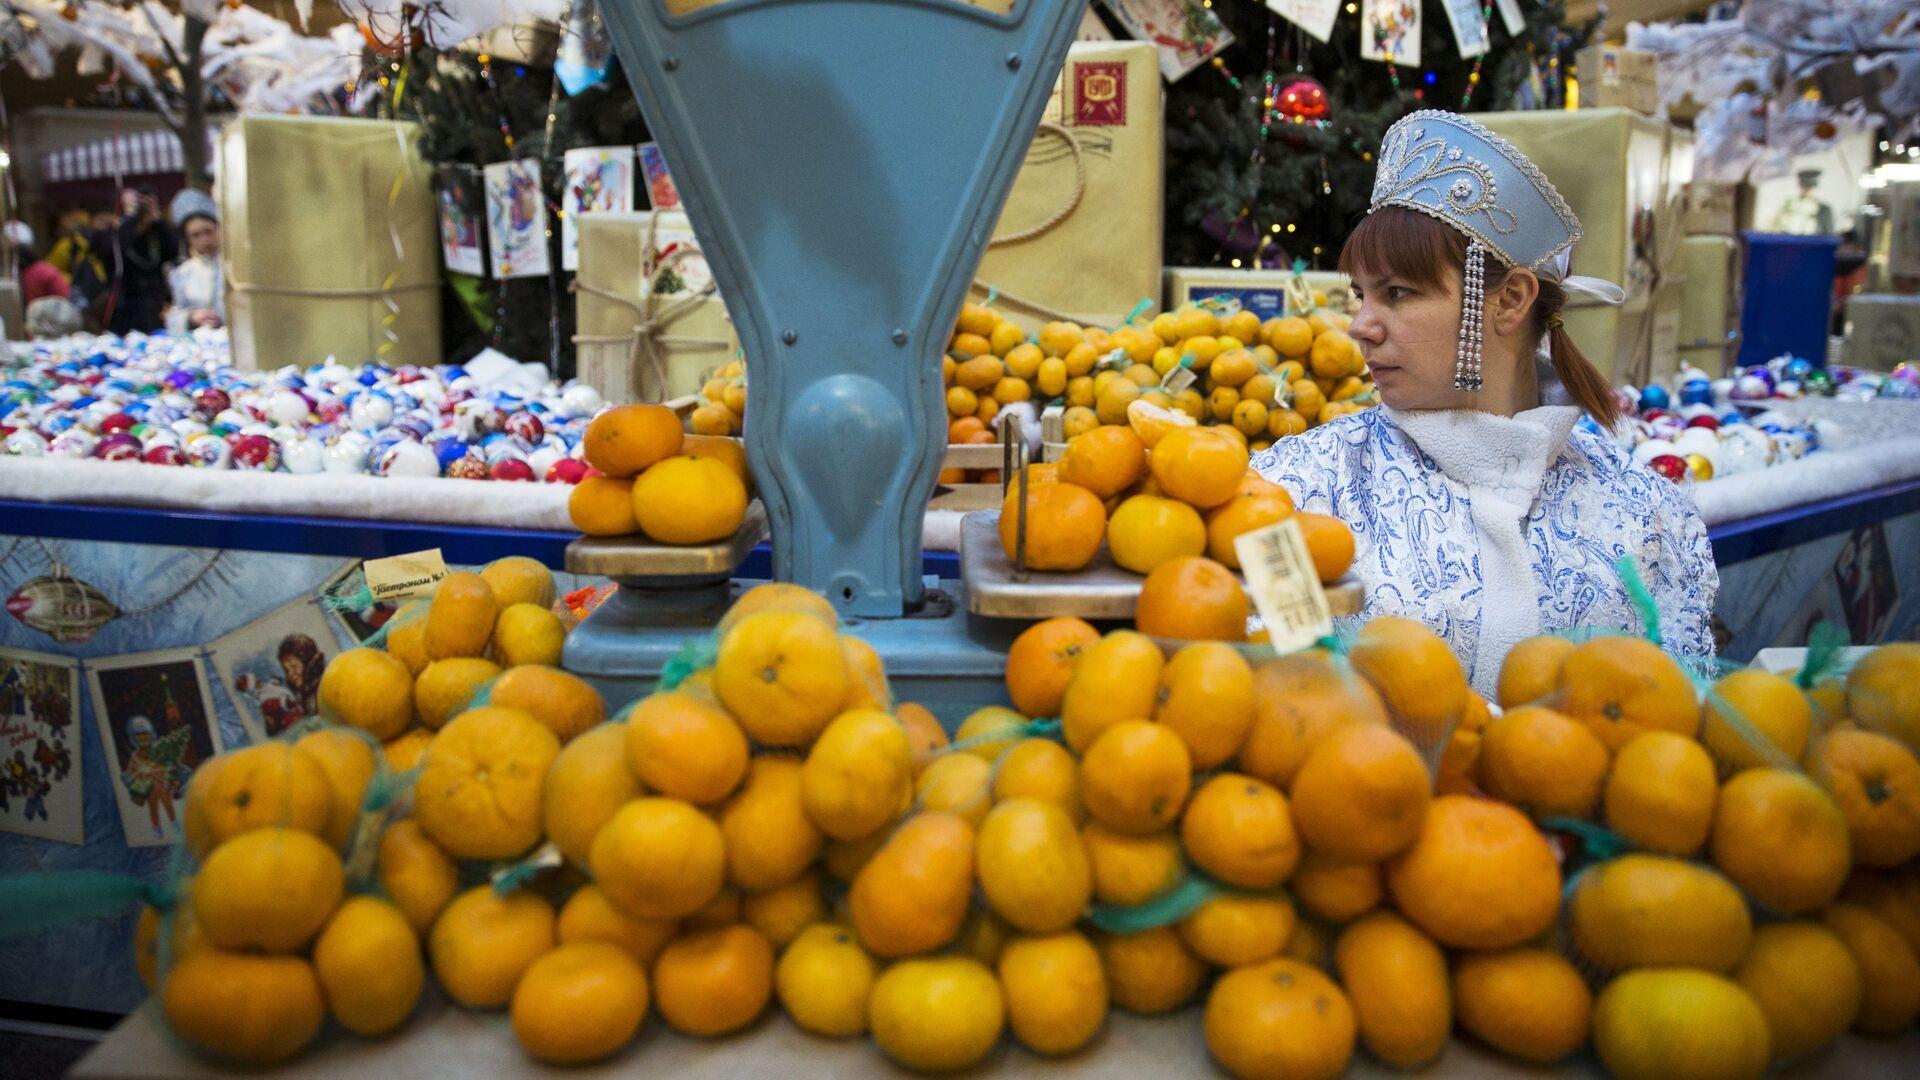 Πορτοκάλια σε αγορά - Sputnik Ελλάδα, 1920, 15.09.2021